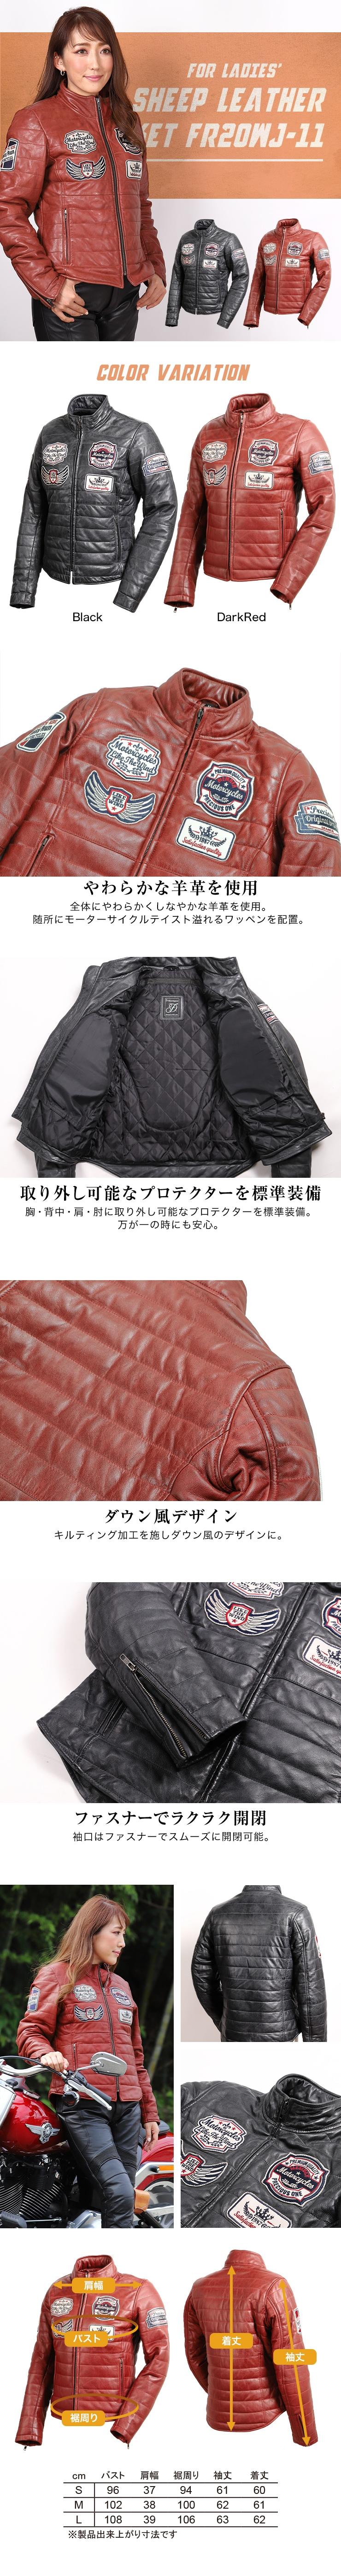 デグナー DEGNER レディースレザージャケット FR20WJ-11 レディース 本革 レザー フード